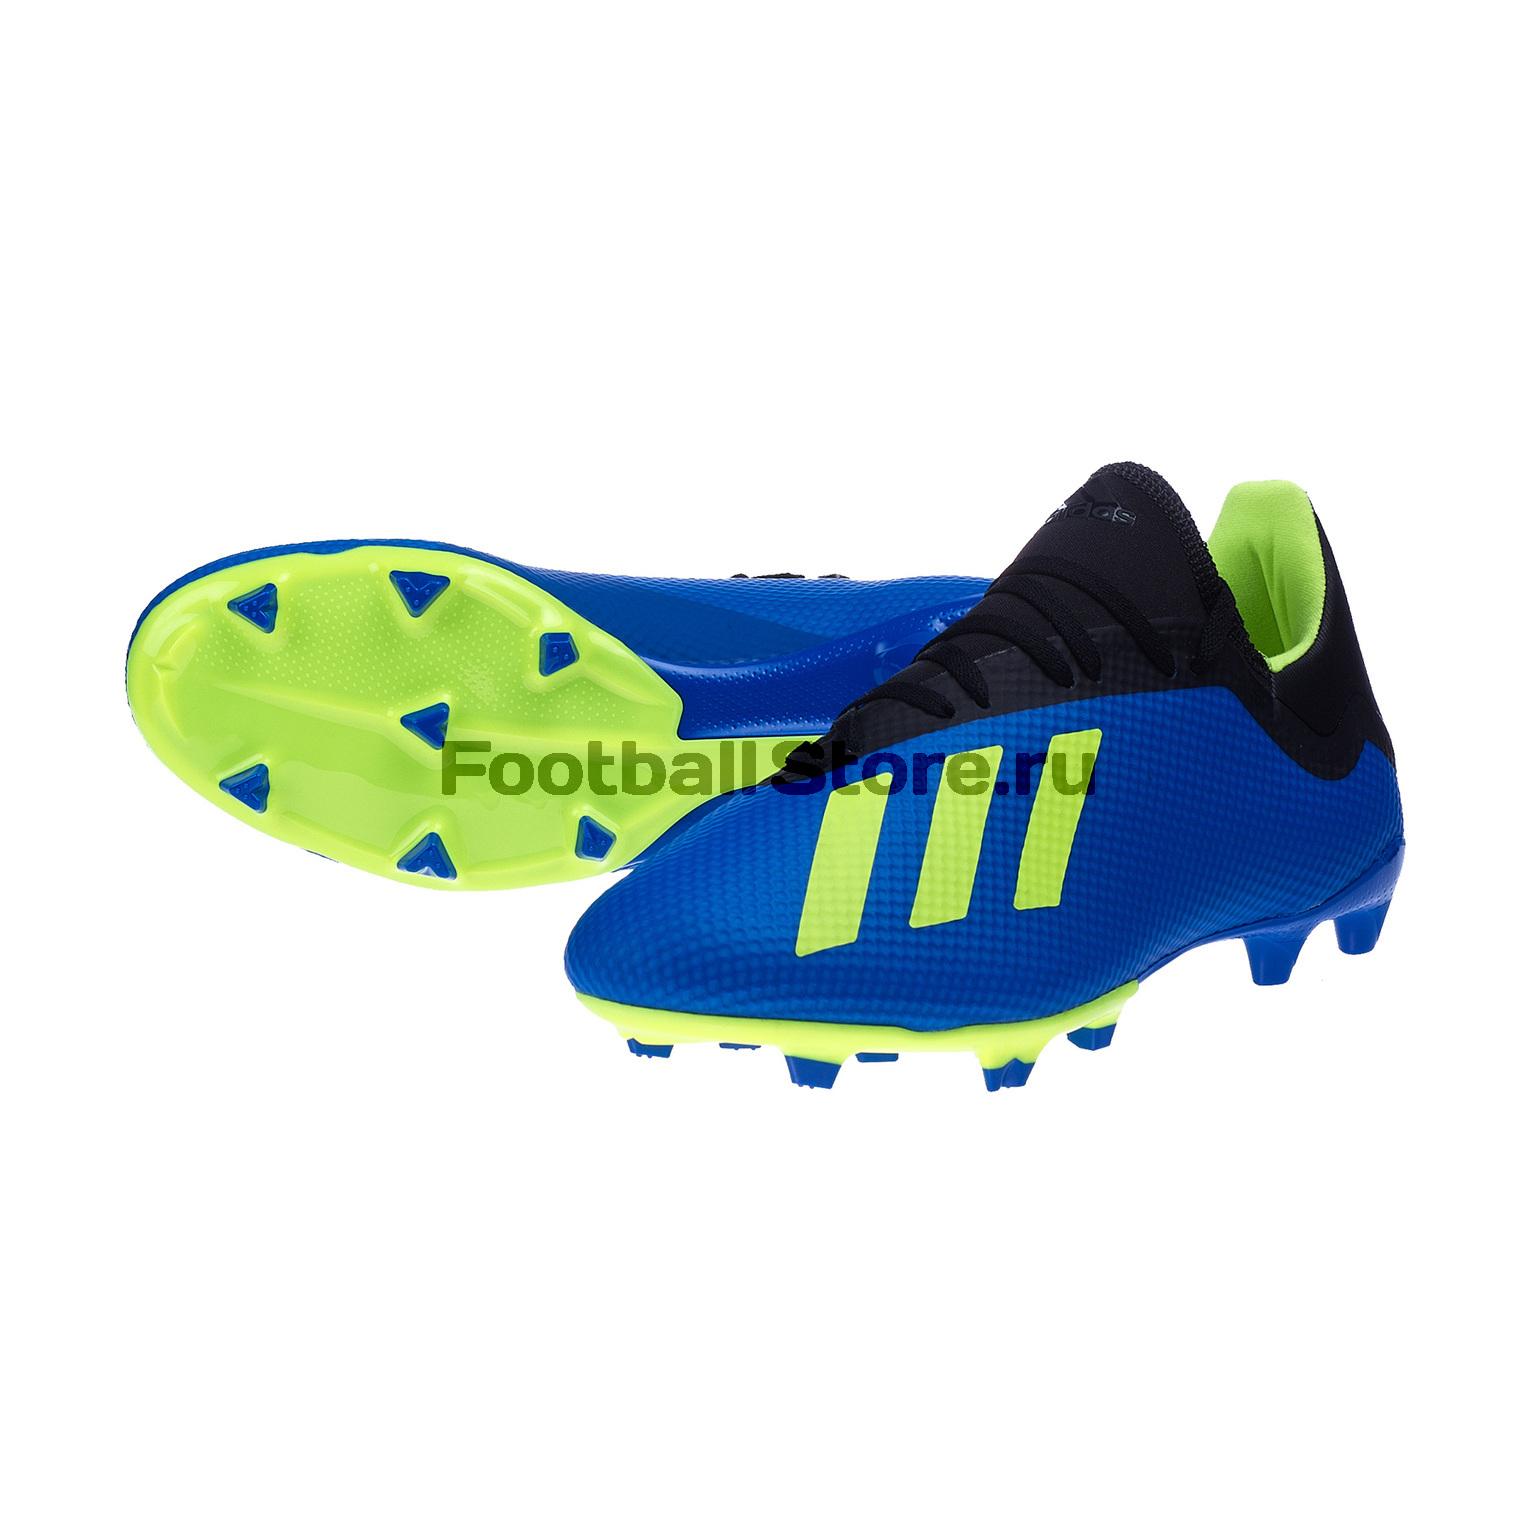 Бутсы Adidas X 18.3 FG DA9335 игровые бутсы adidas бутсы adidas x 16 purechaos fg bb5615